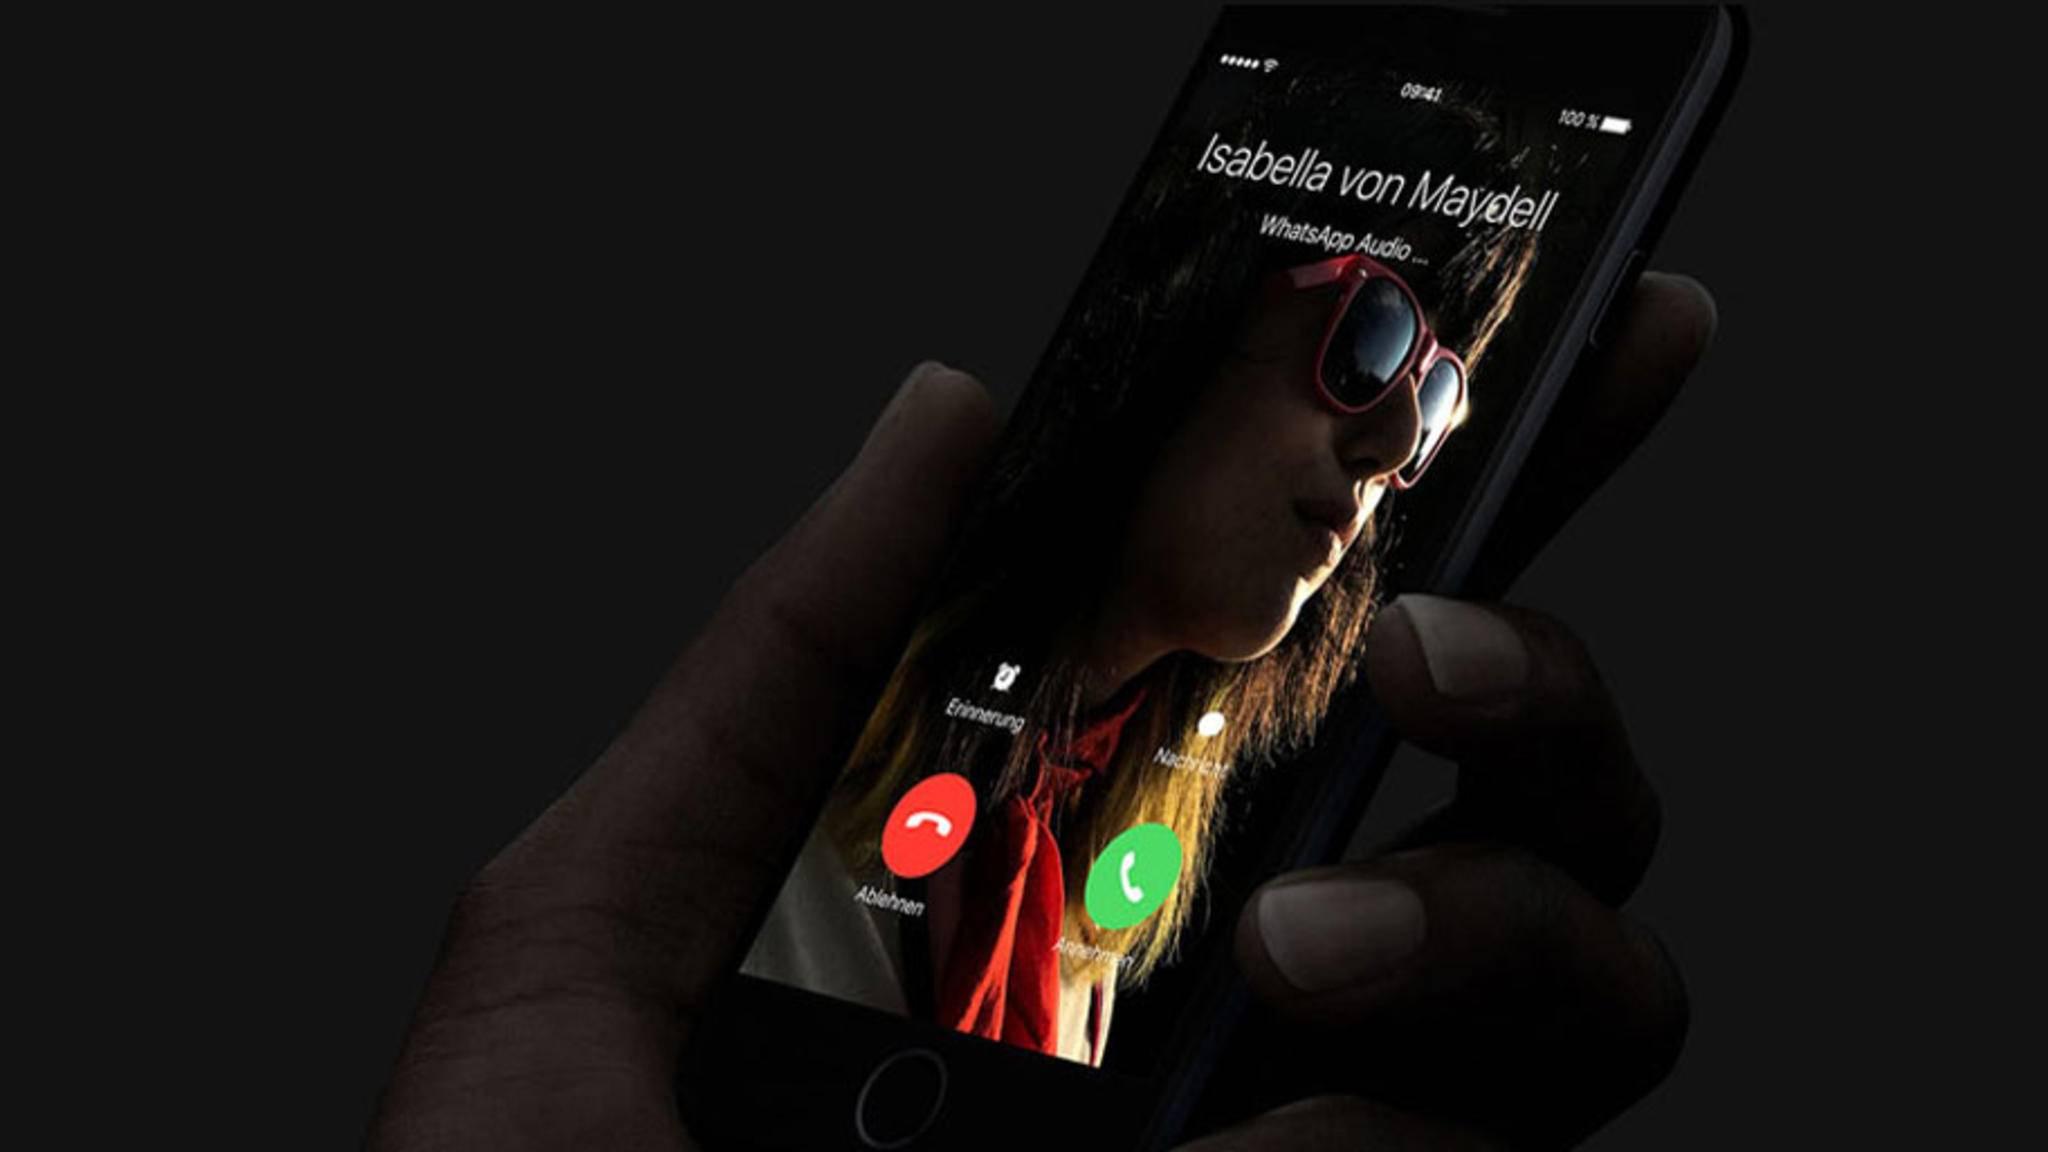 Wer nicht per WhatsApp telefonieren möchte, kann ab iOS 10.1 auch WLAN-Calls nutzen.